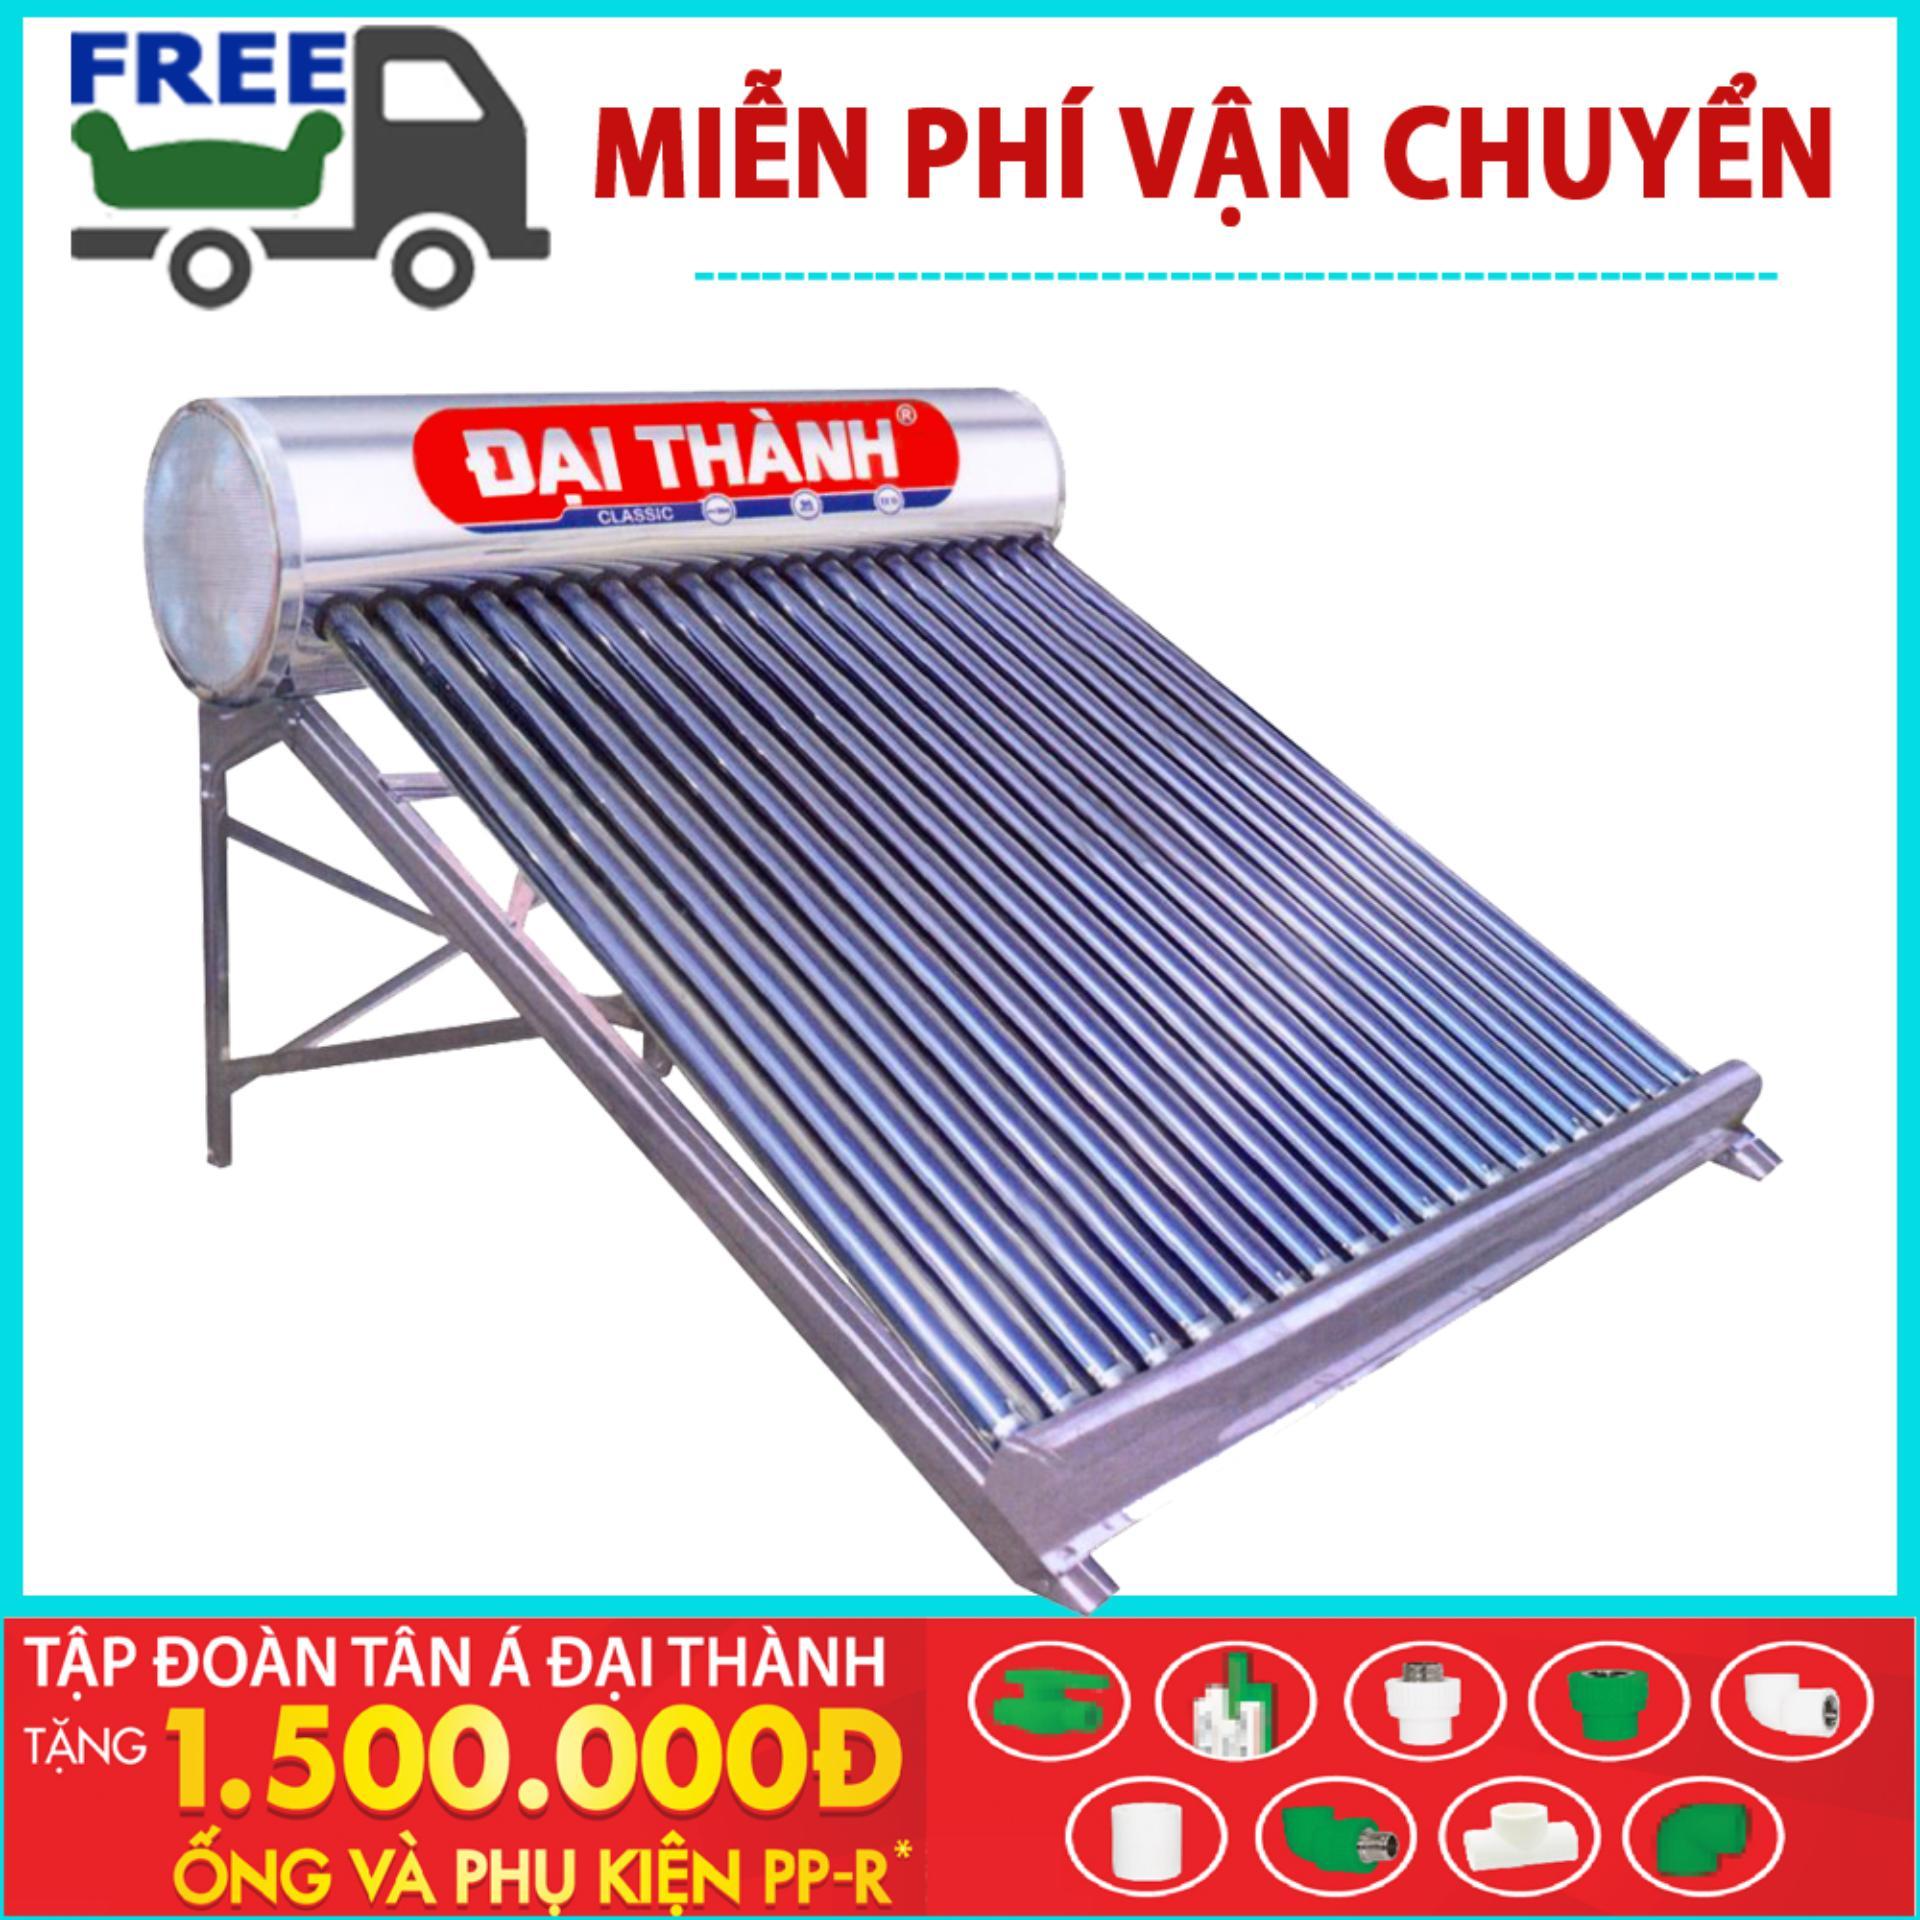 Hình ảnh Máy nước nóng năng lượng mặt trời Đại Thành 130Lít F58-12